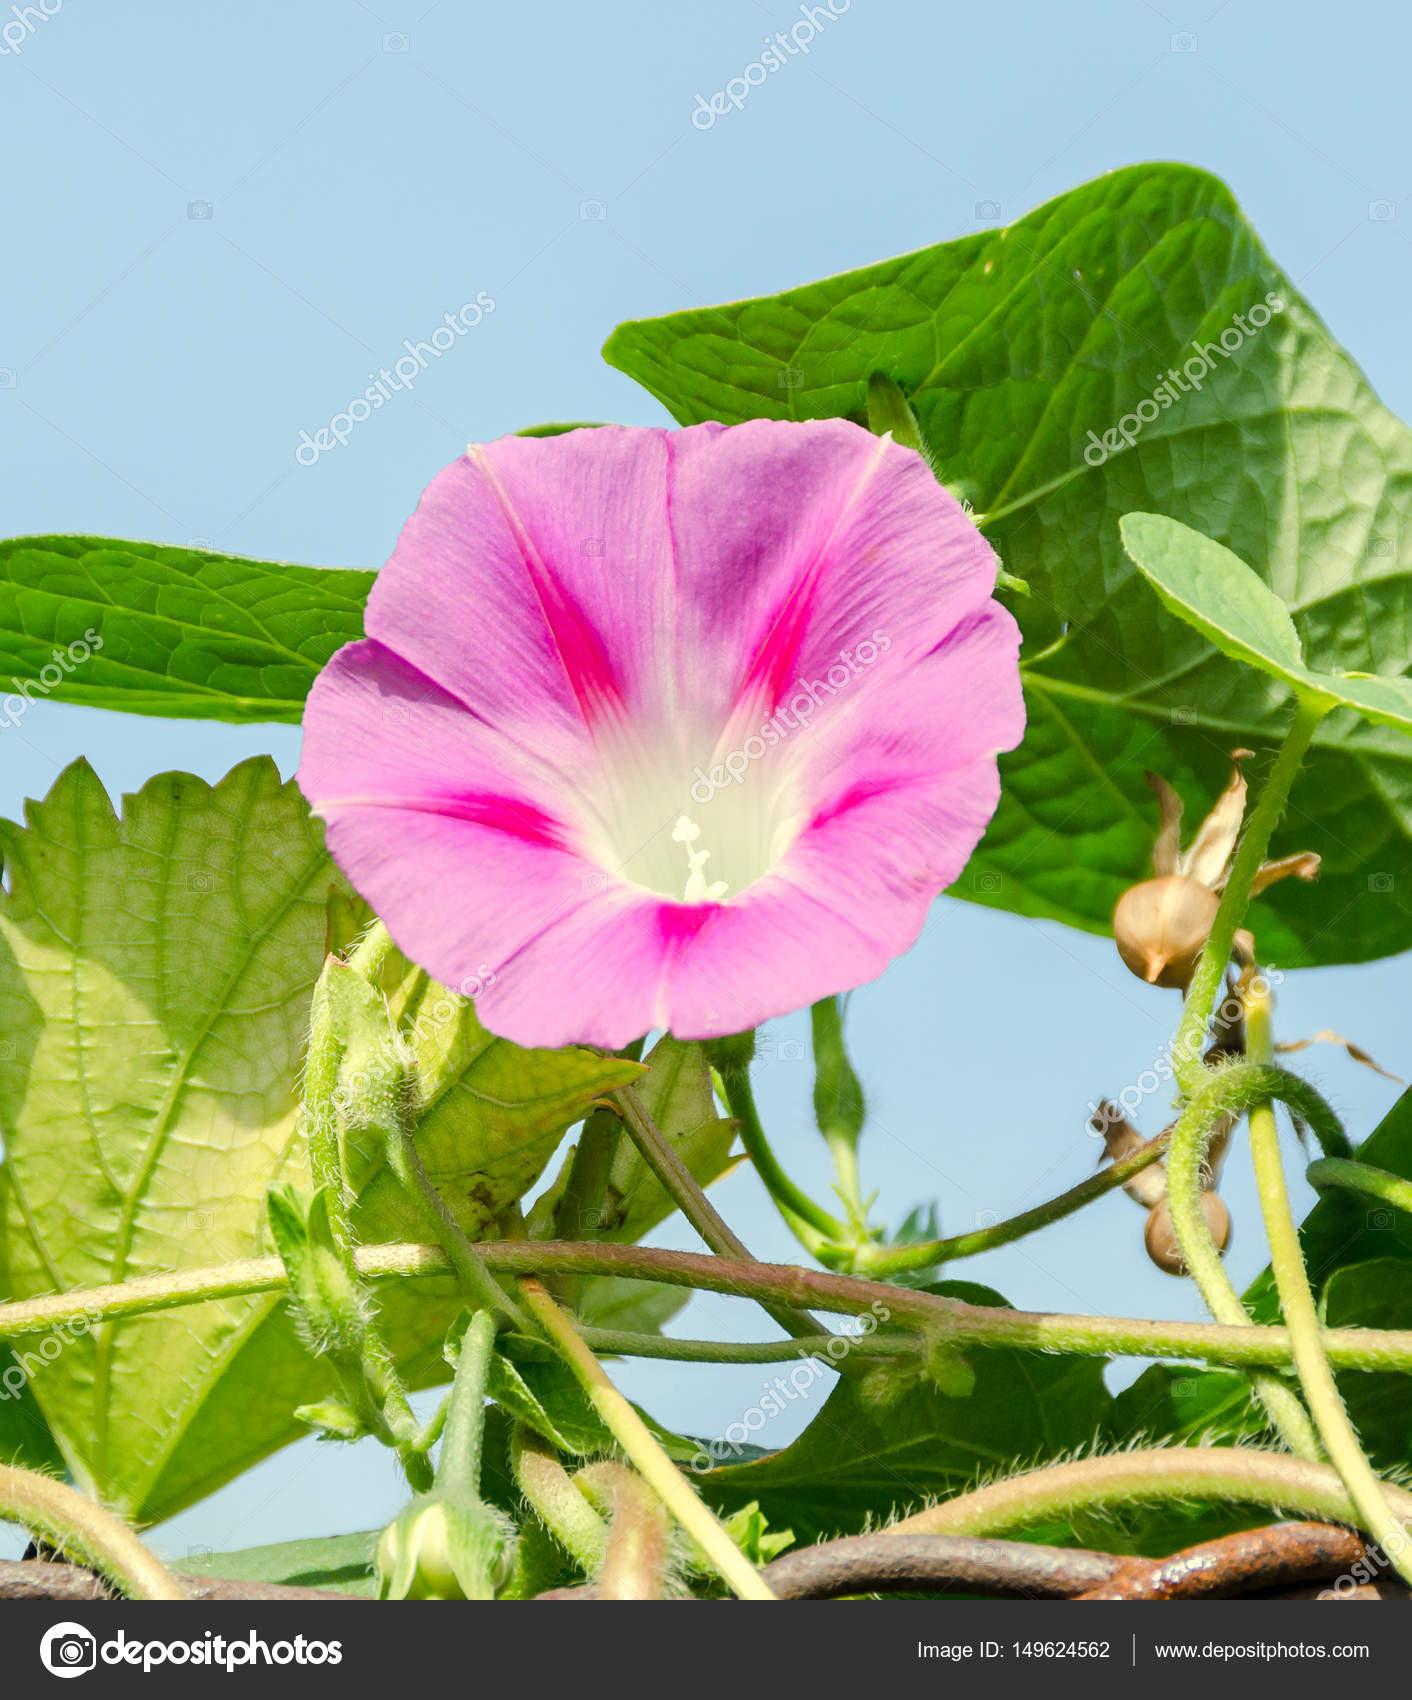 Ipomoea purpurea růžov½ květ fialová vysok½ nebo společné hezké vstáván zblzka — Fotografie od ncristian